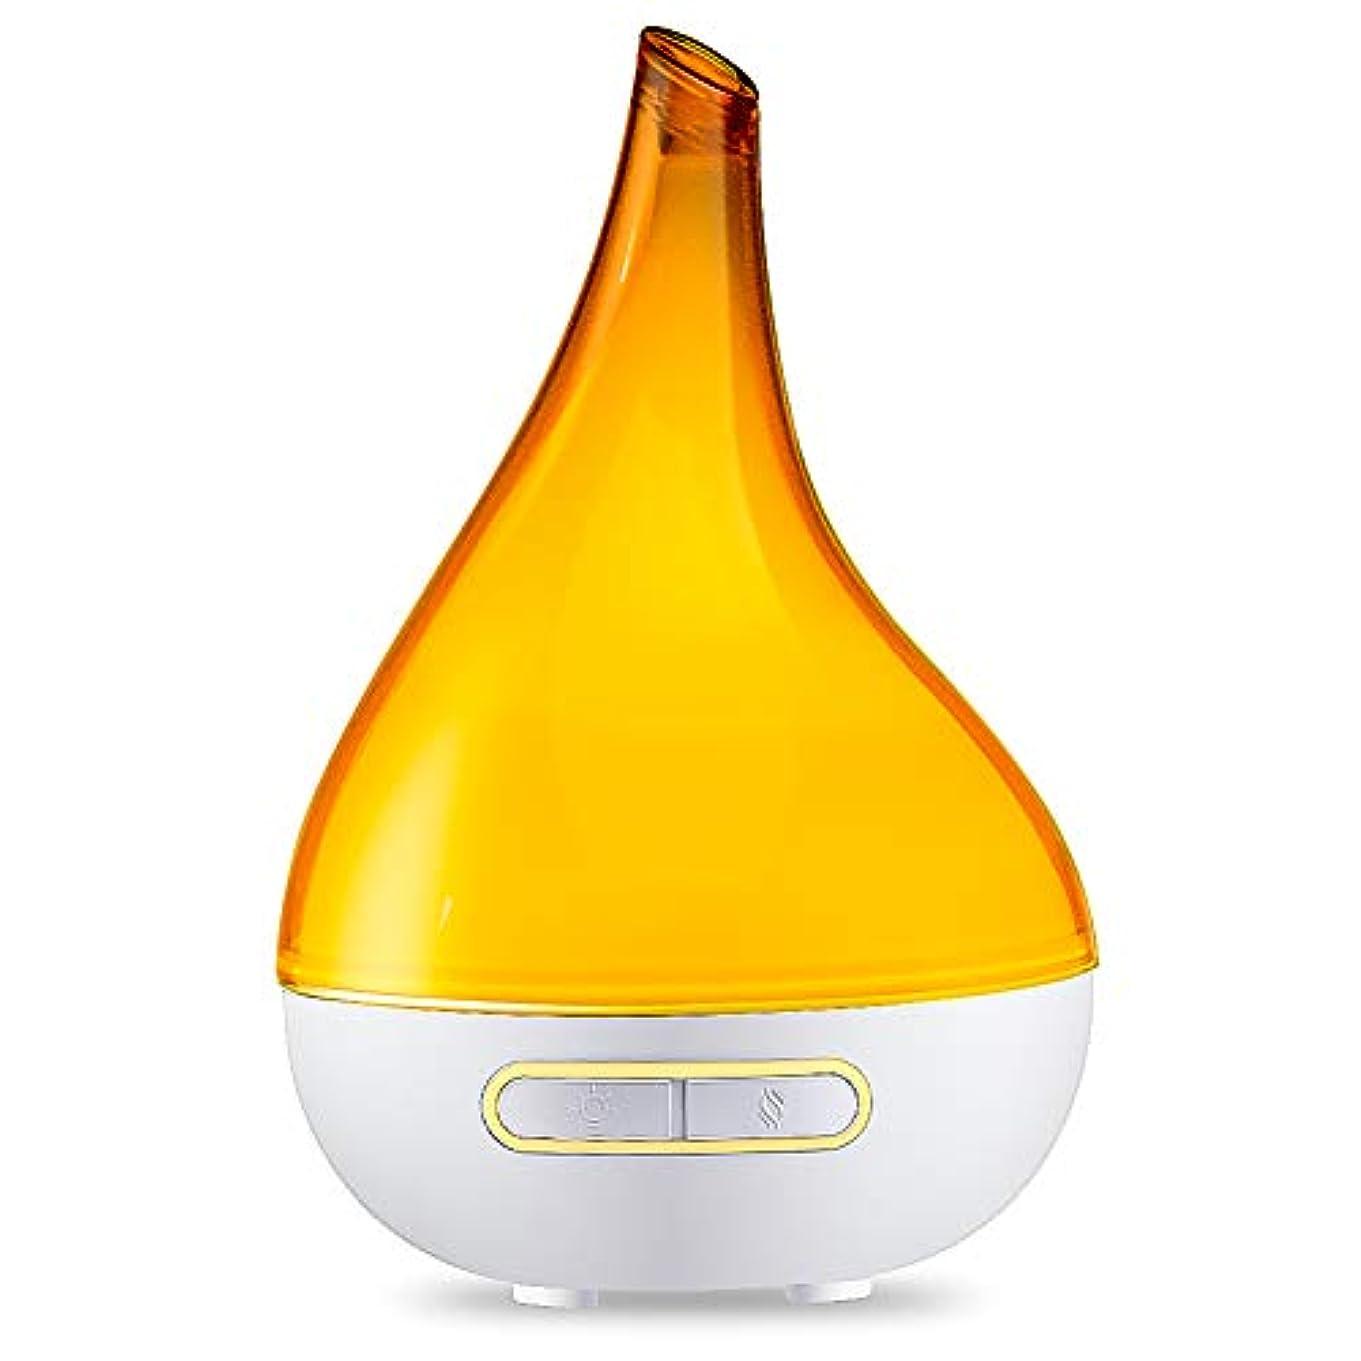 刻む休日教え超音波 エッセンシャル オイル ディフューザー 電気 涼しい霧の加湿器 調節可能なミスト付け アロマディフューザー 夜間照明付き 赤ちゃんの家-オレンジ 15x23.7cm